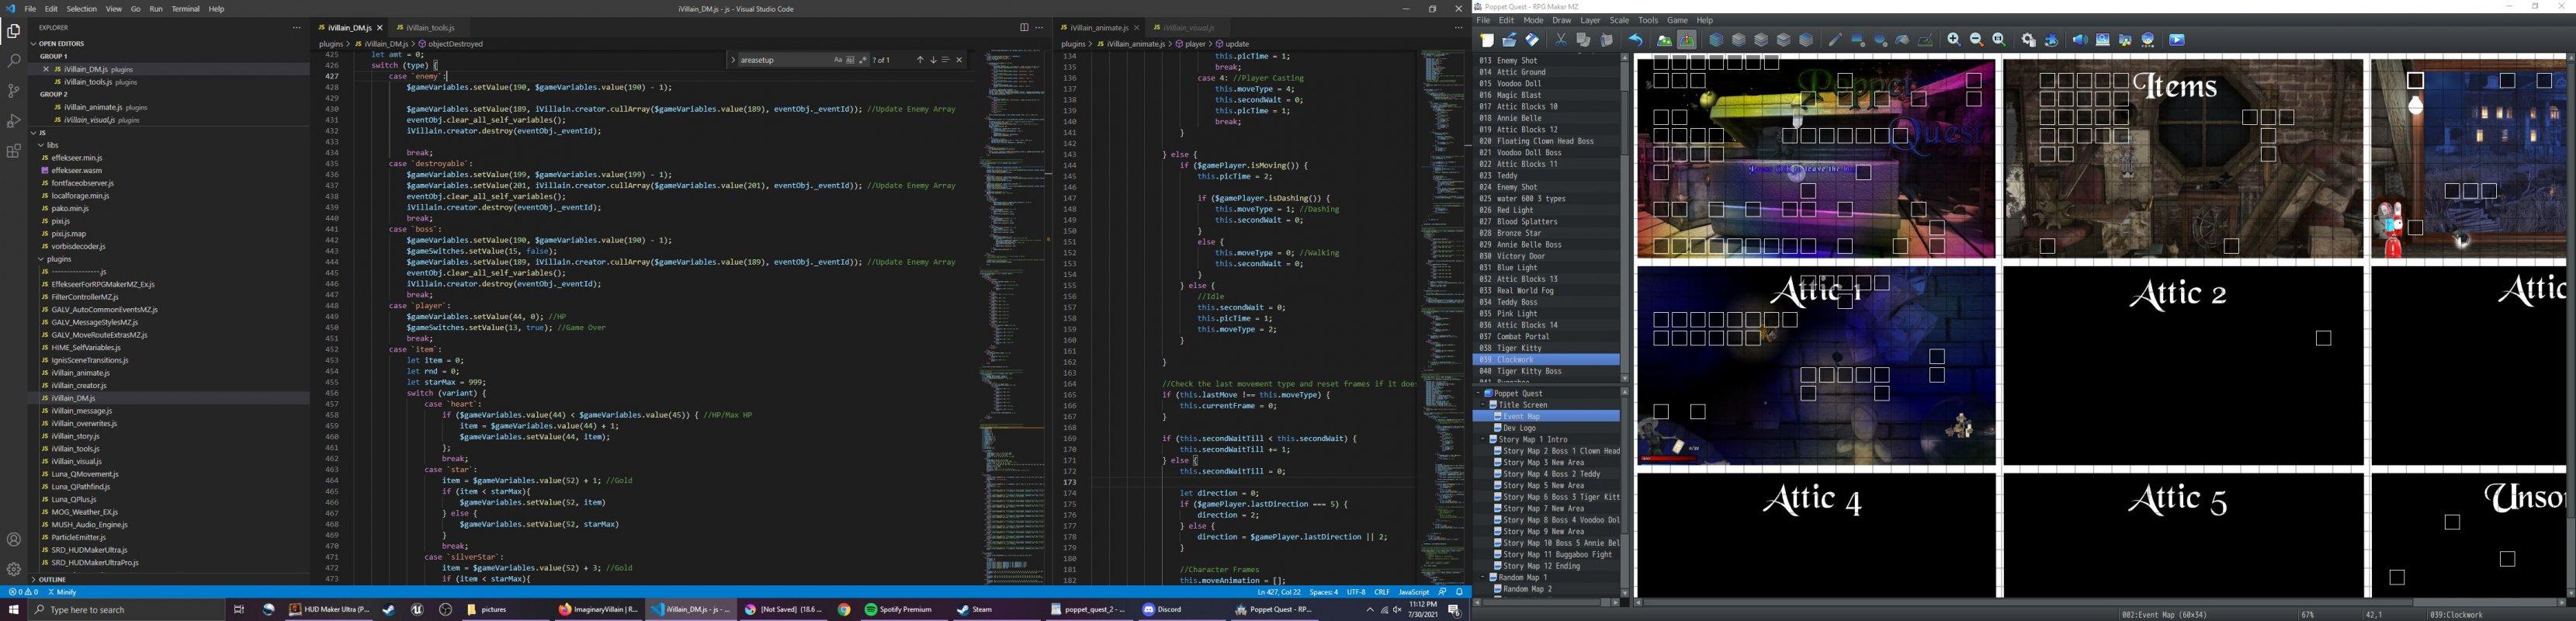 mycurrentdesktop.jpg